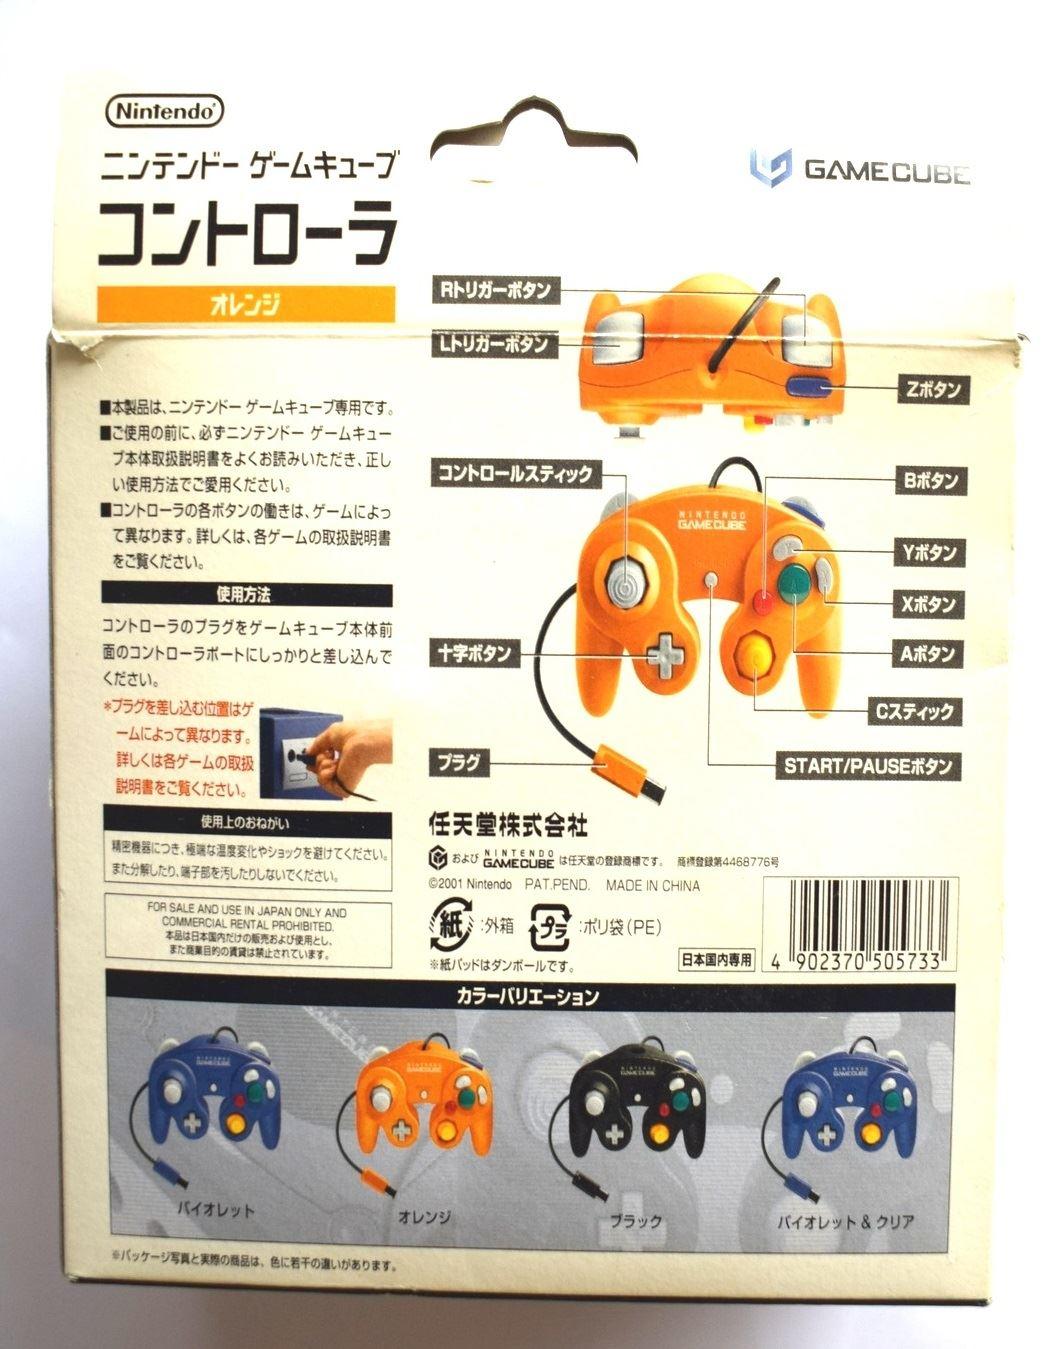 Nintendo-Gamecube-Ufficiale-Originale-Controller-Vari-Colori-Disponibile thumbnail 9